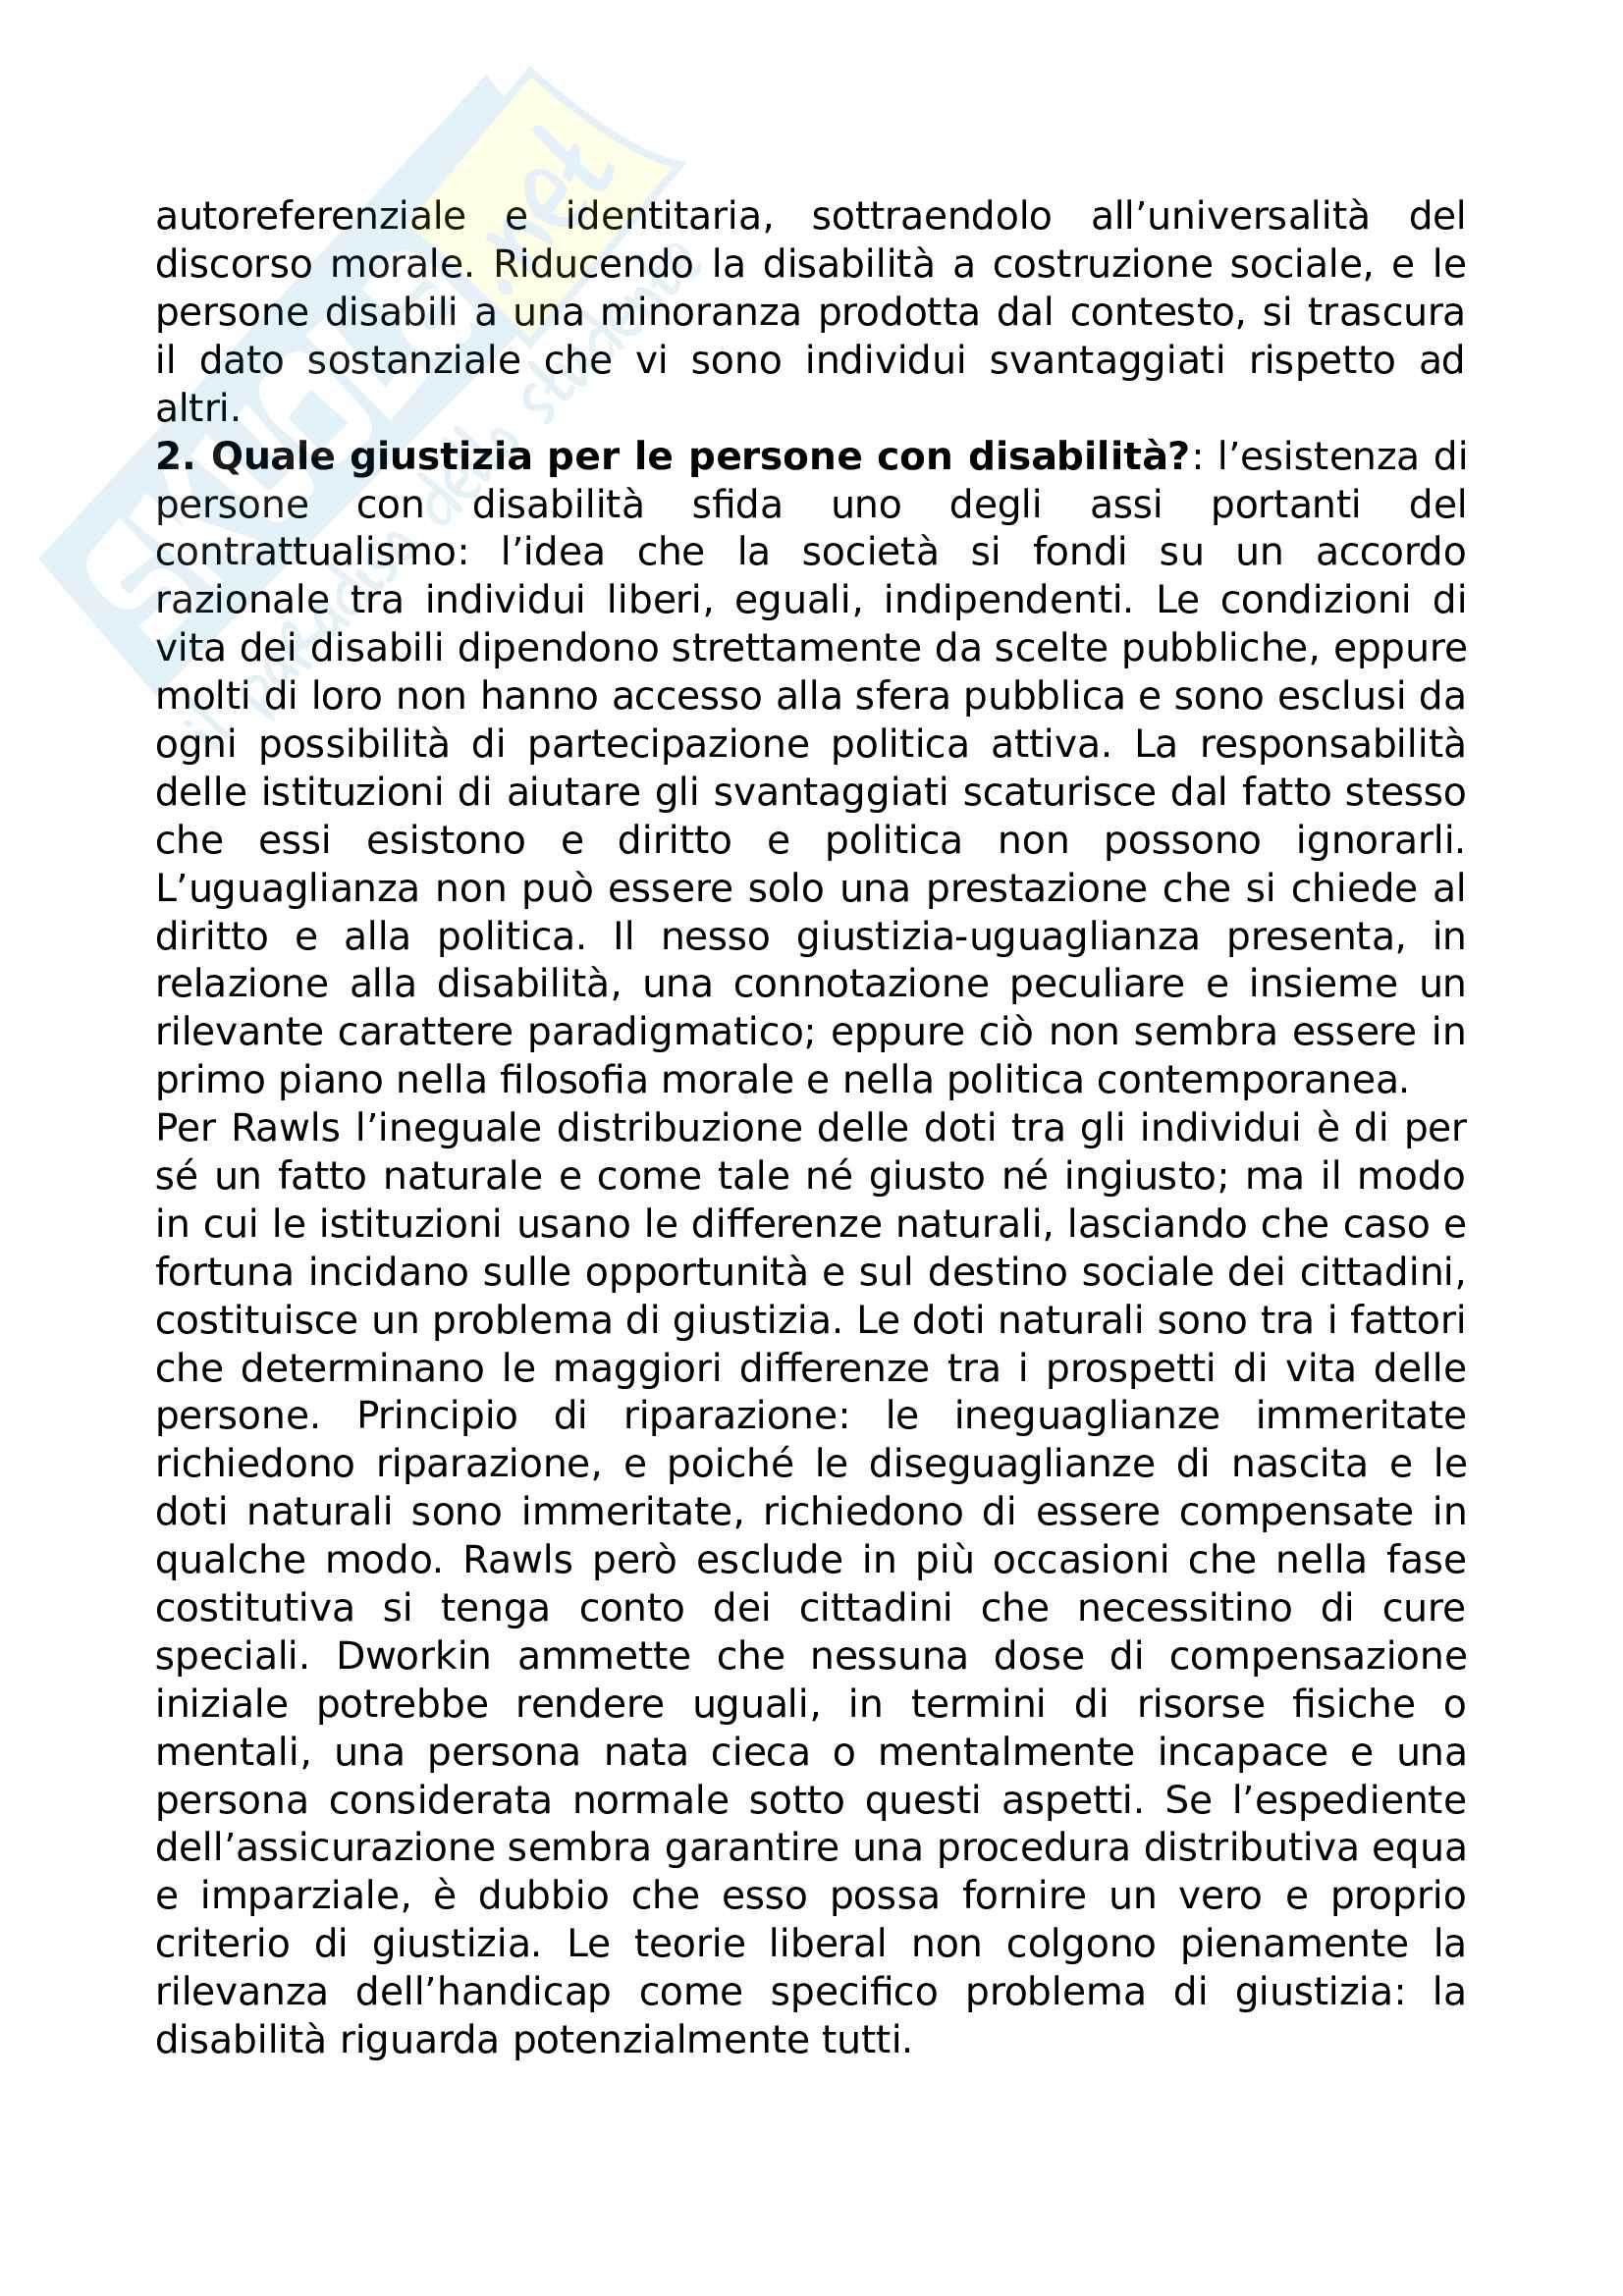 Riassunto esame Bioetica, prof. Marianna Gensabella, libro consigliato Persone prime che disabili, Zanichelli Pag. 2